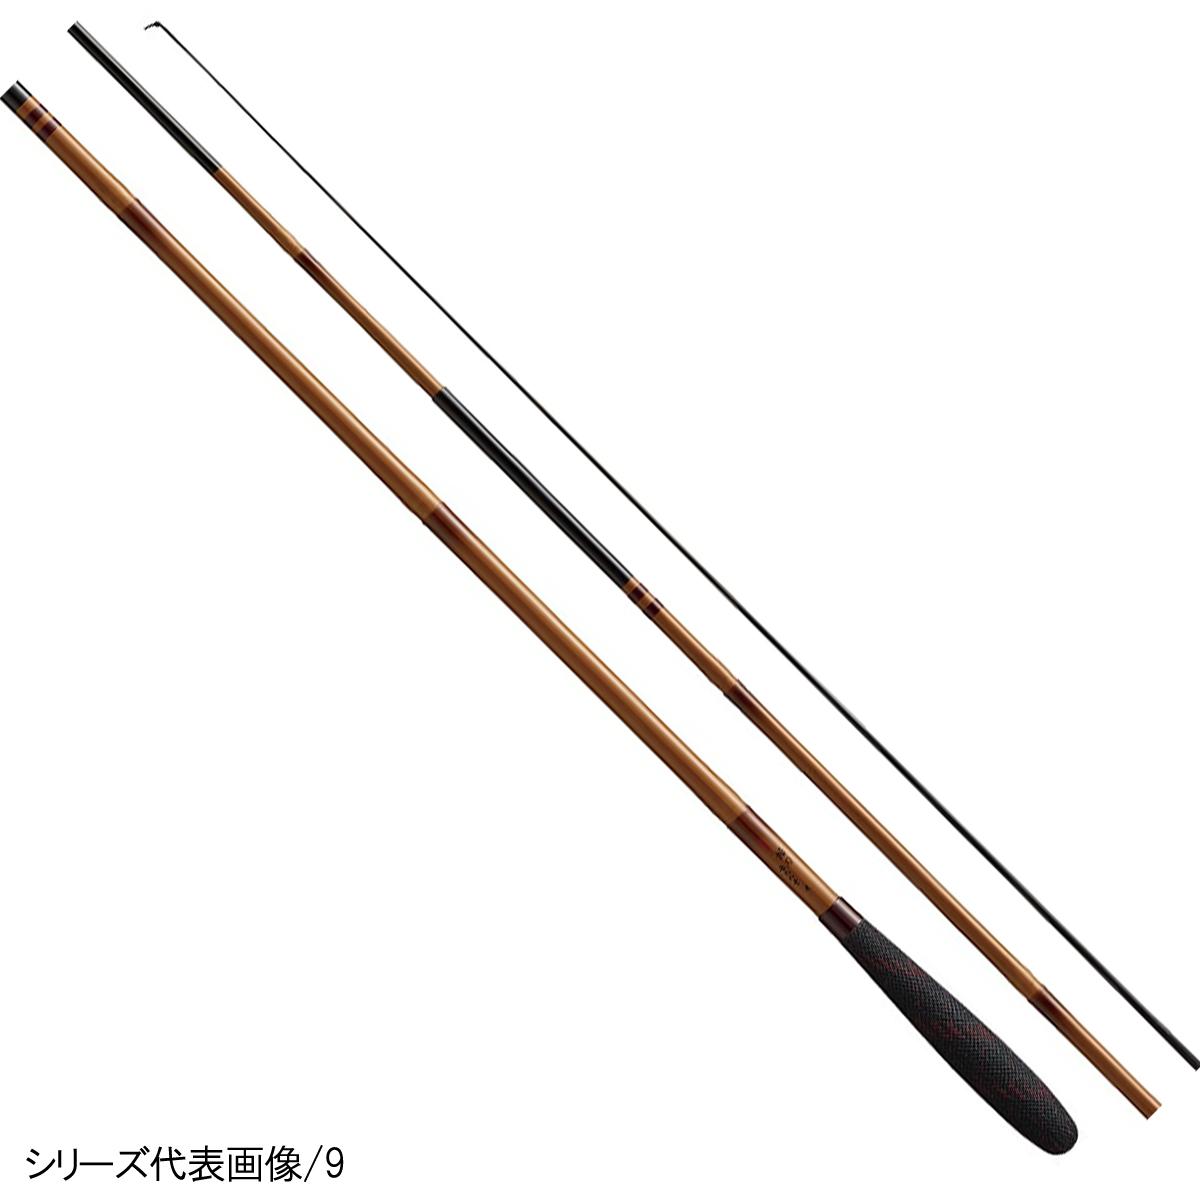 シマノ 飛天弓 頼刃(ひてんきゅう らいじん) またたき 15(東日本店)